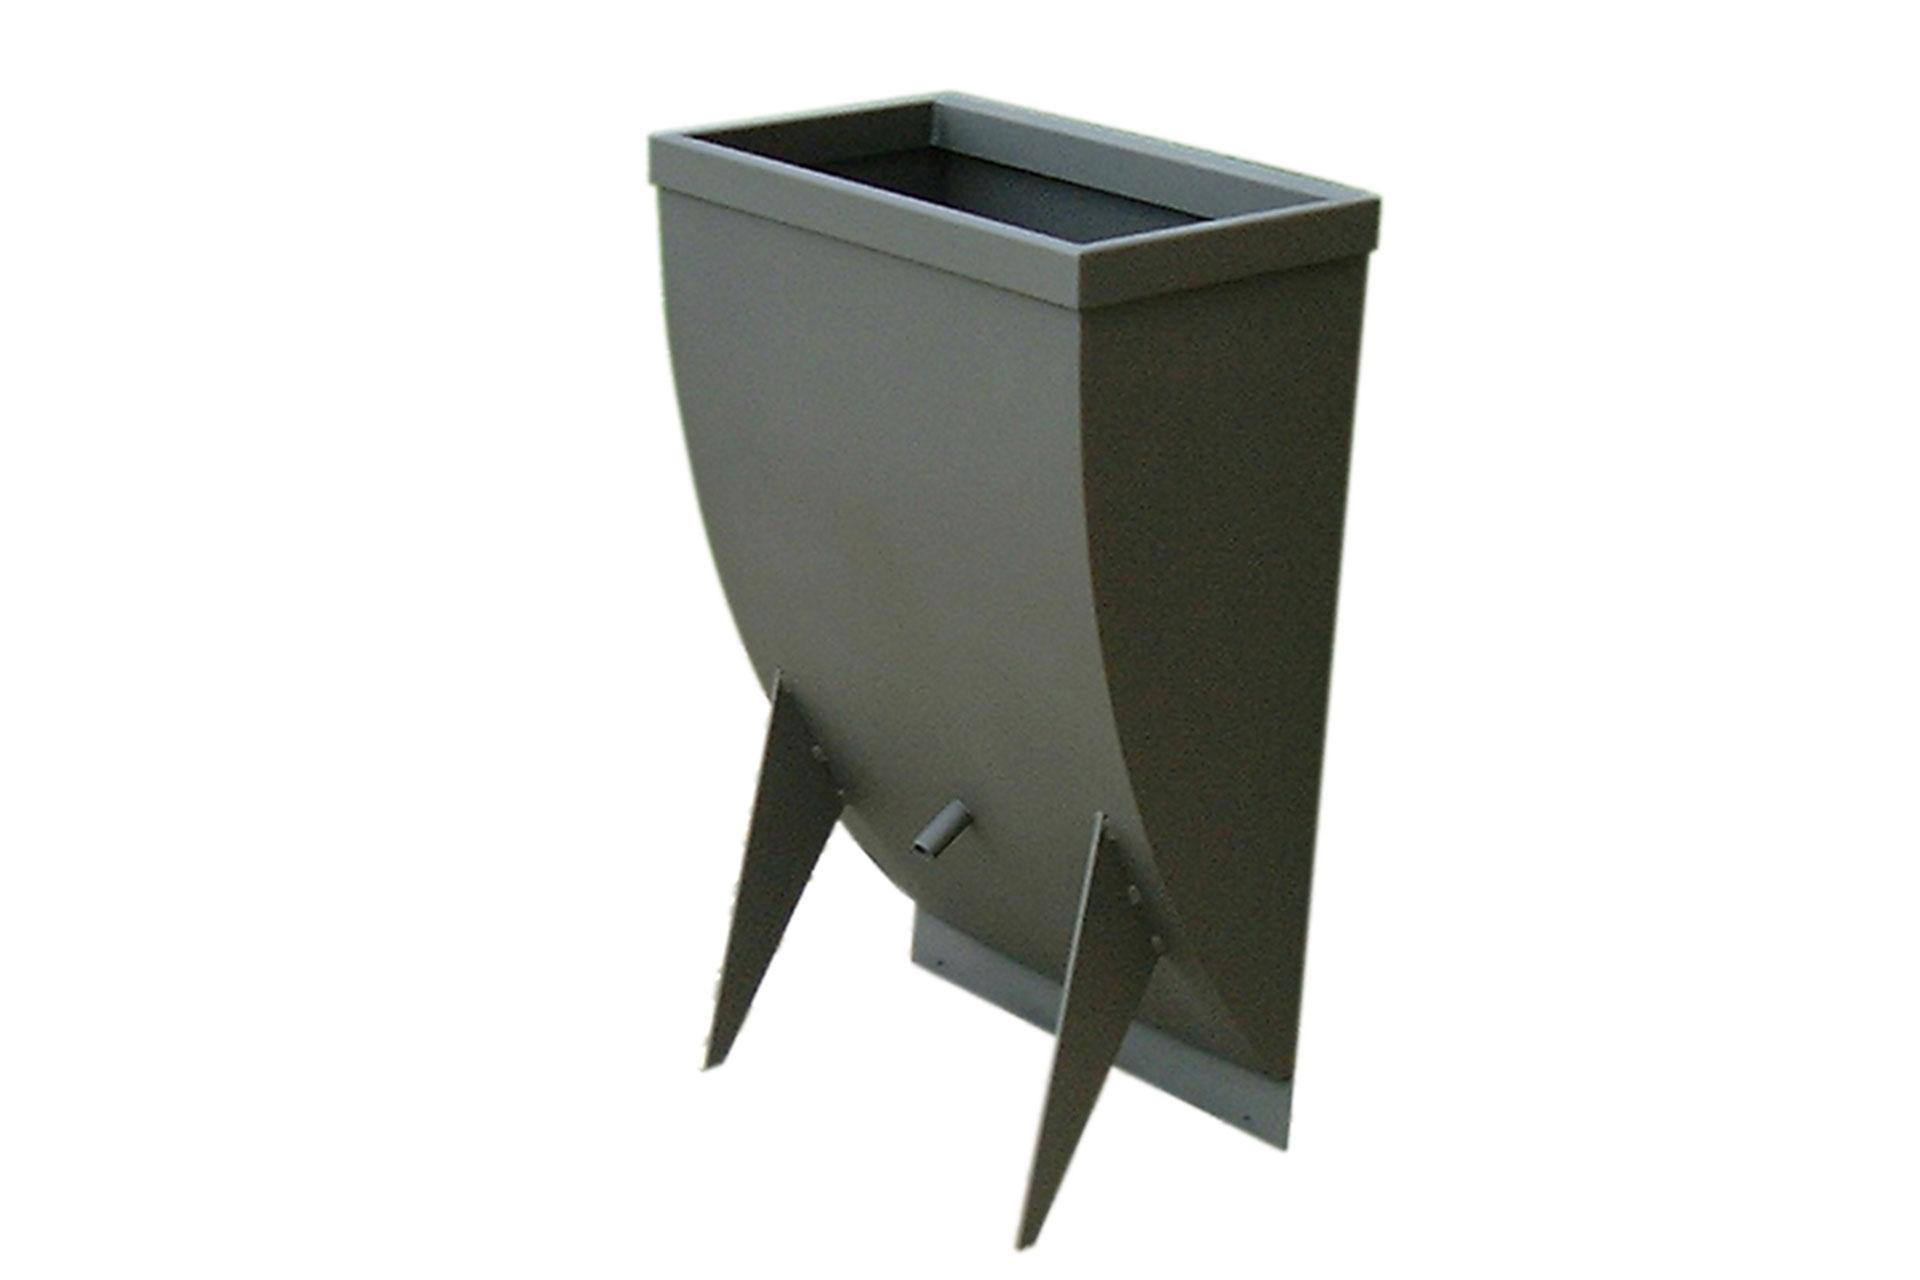 UrbanObjekts Daciano Abfallbehälter